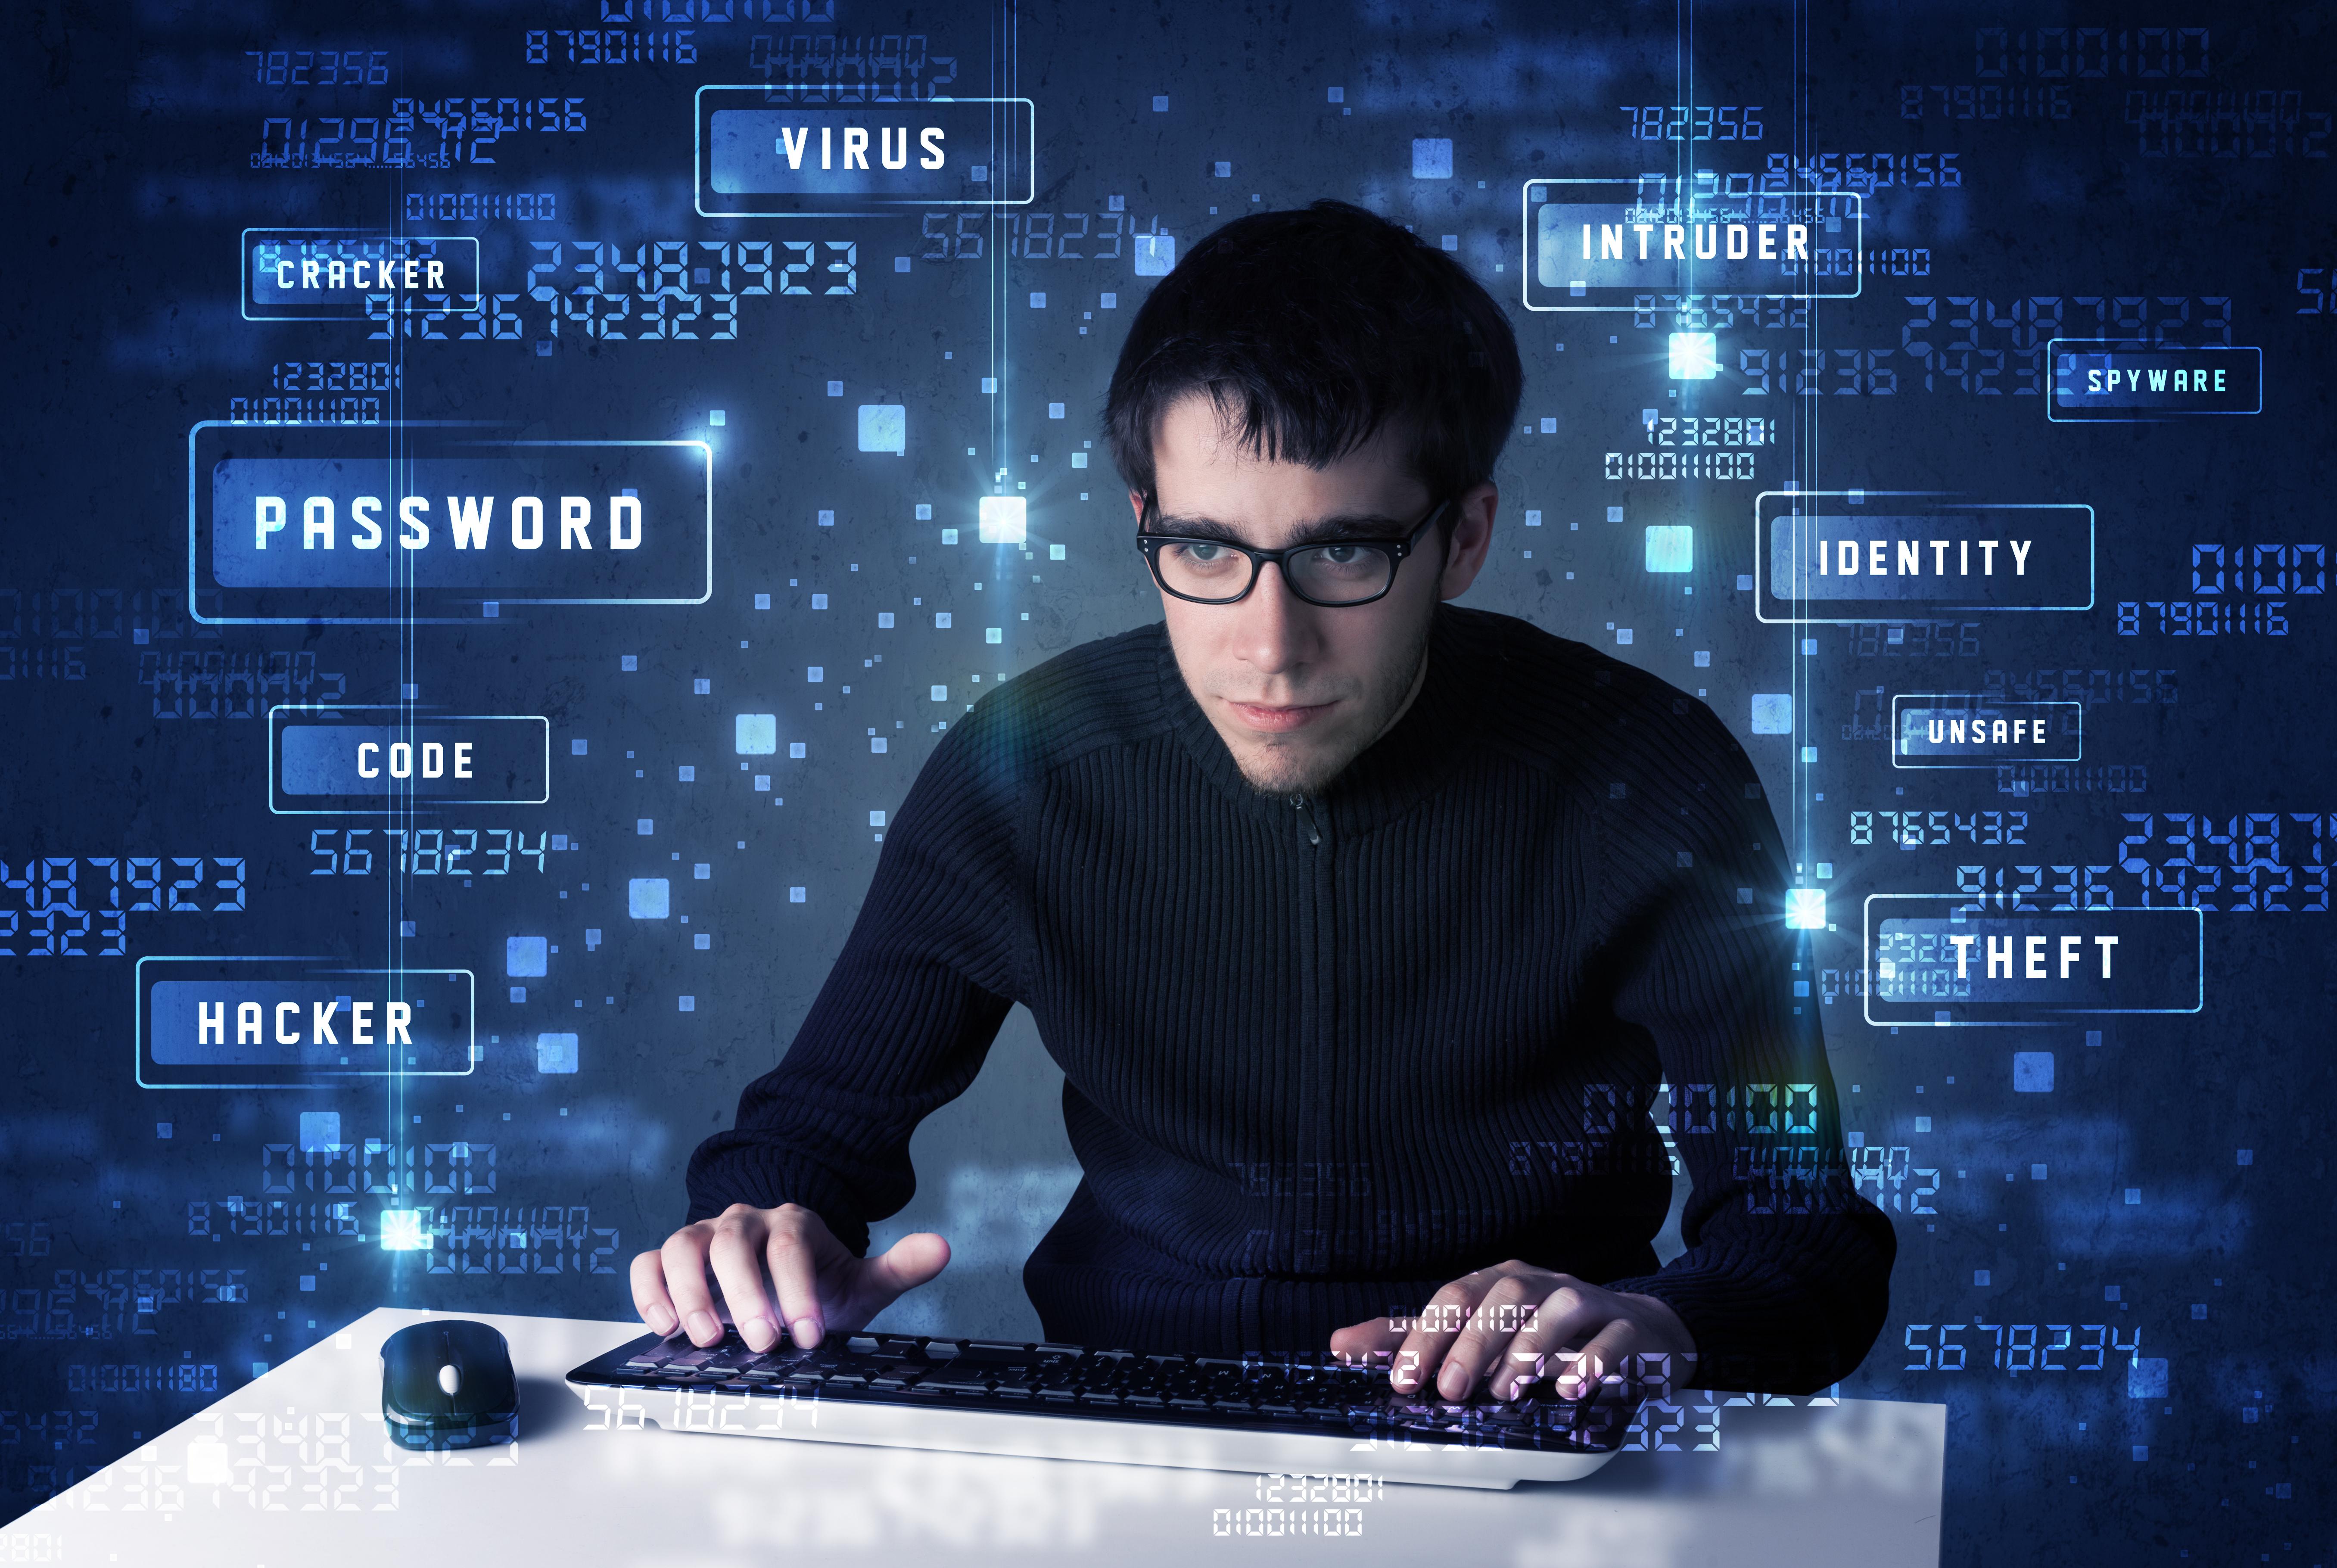 ¿Qué diferencias hay entre hacker y cracker?